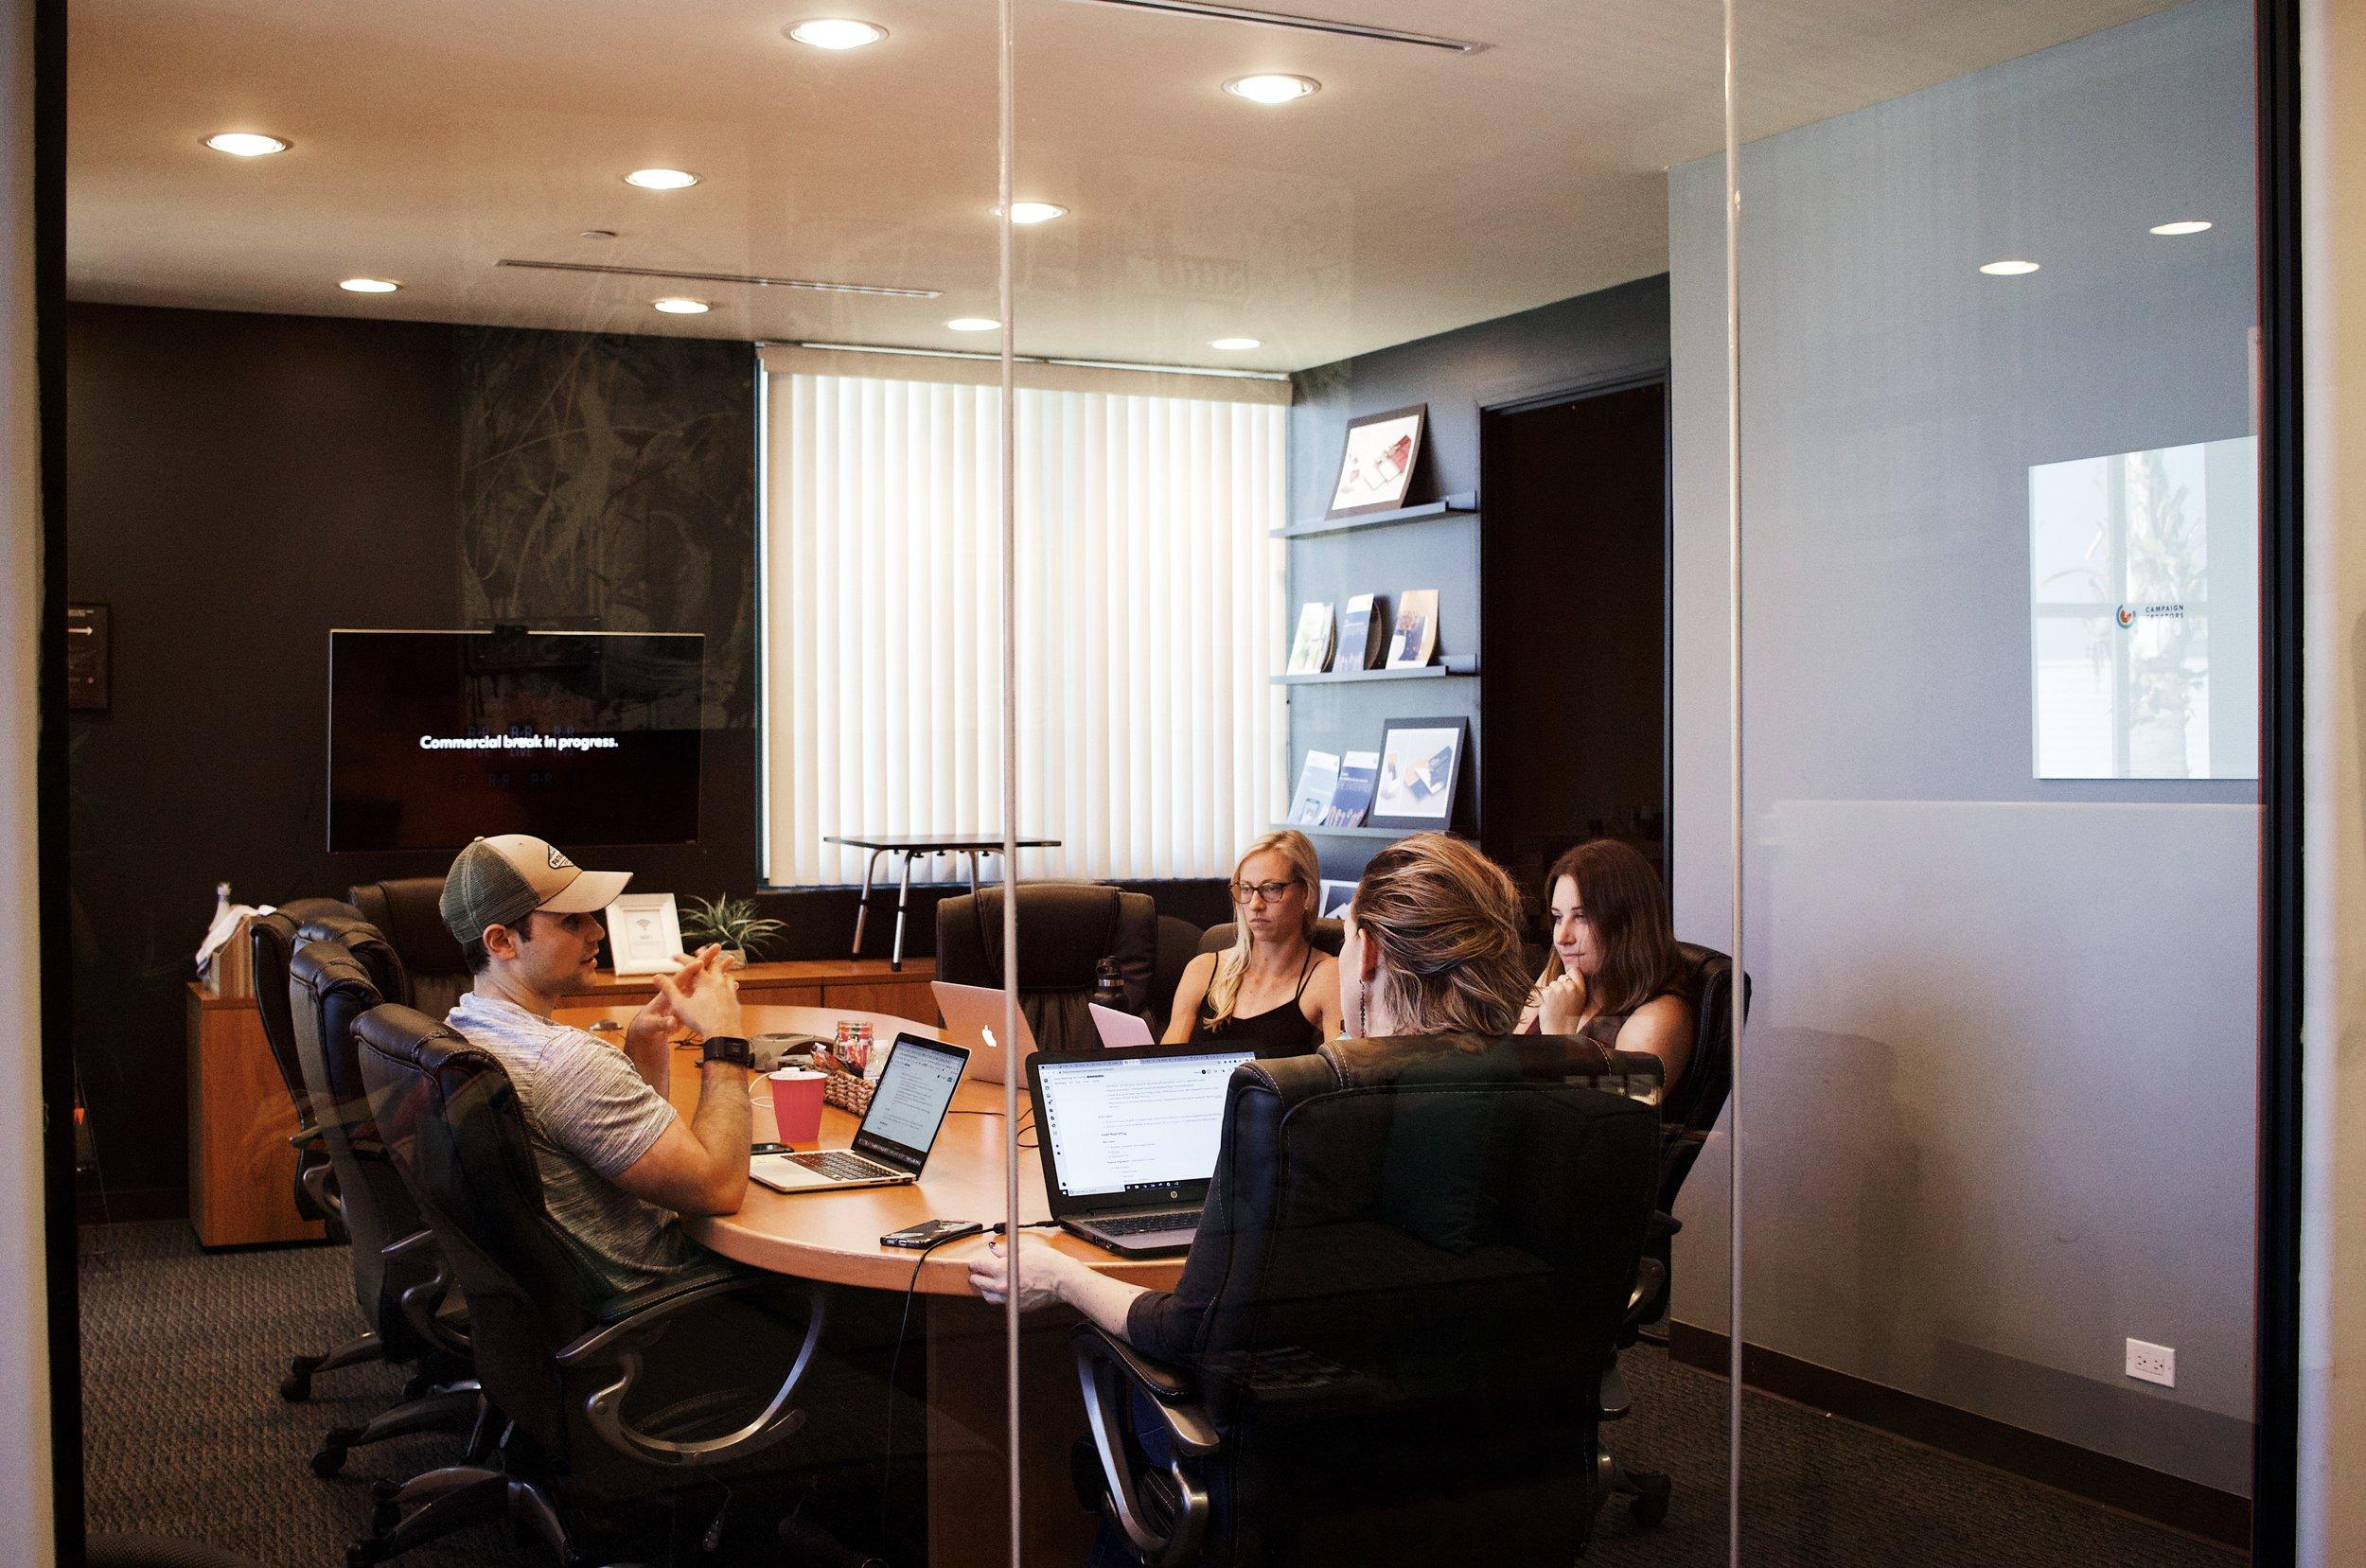 Gestão da Mudança - Quando se promovem iniciativas para melhorar o desempenho, aproveitar oportunidades ou adaptar o negócio, estas geralmente exigem alterações na organização; mudanças nos processos, funções de trabalho, estruturas organizacionais, tecnologia.Na verdade, são as pessoas e equipas que precisam de mudar. Se essas pessoas não tiverem sucesso nas transições profissionais, se elas não adotarem e apreenderem os novos conceitos, a iniciativa falhará.Apoiamos à correta gestão da mudança garantindo o sucesso das iniciativas organizacionais, promovendo resultados duradouros.